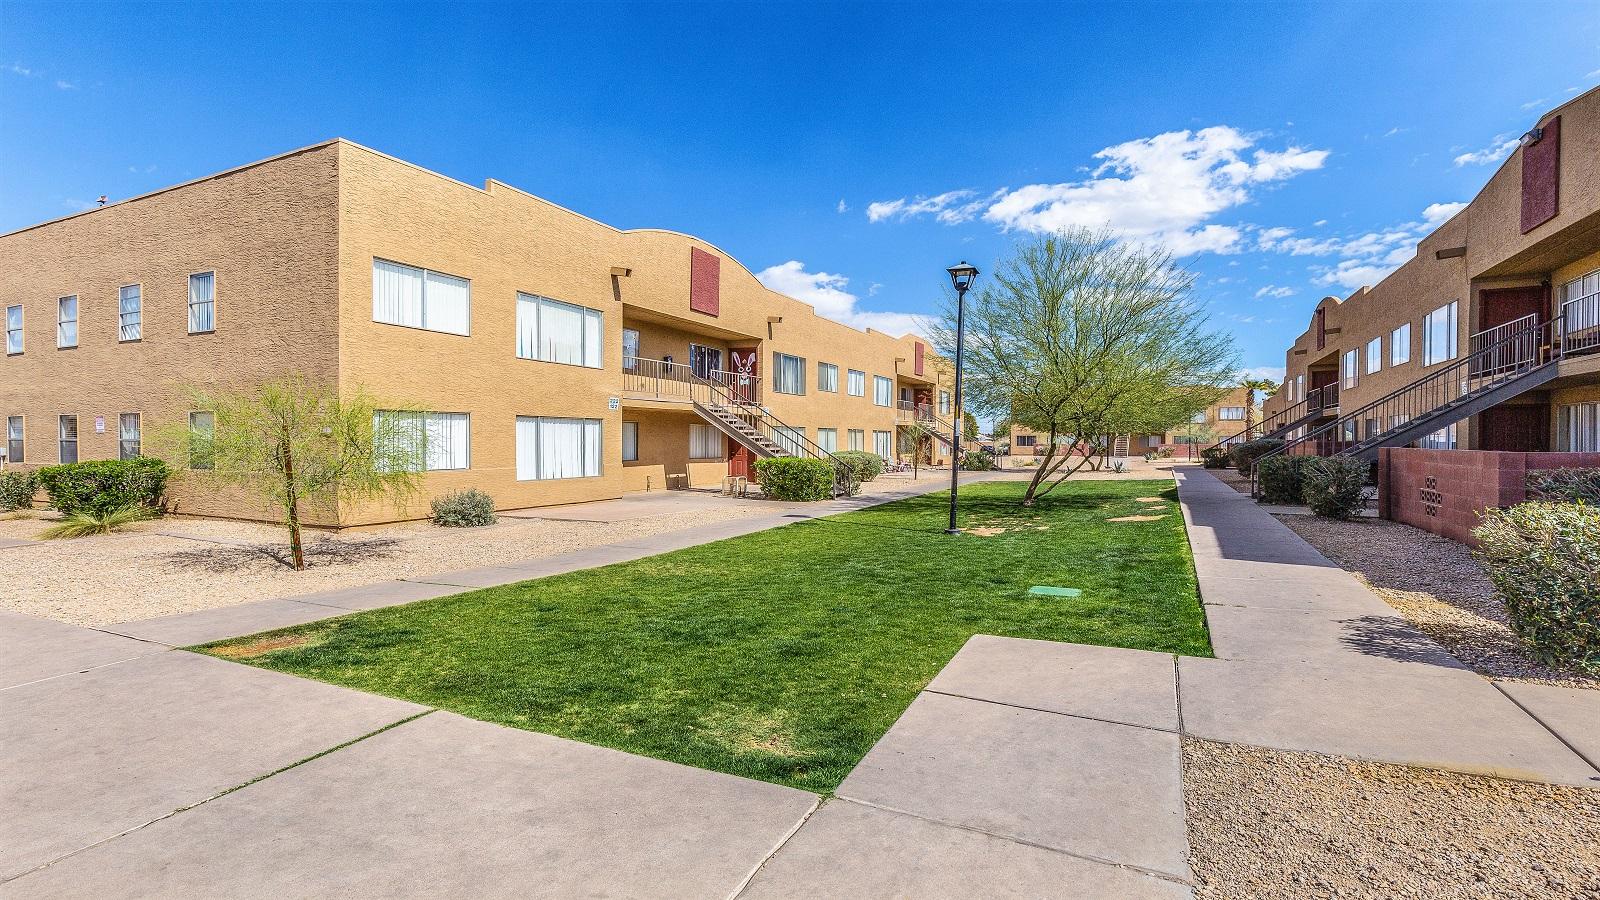 Brighton Place Apartments | 222 East Cody Drive, Phoenix, AZ 85040 | 80 Units | Built in 1988 | $5,250,000 | $65,625 Per Unit | $93.33 Per SF